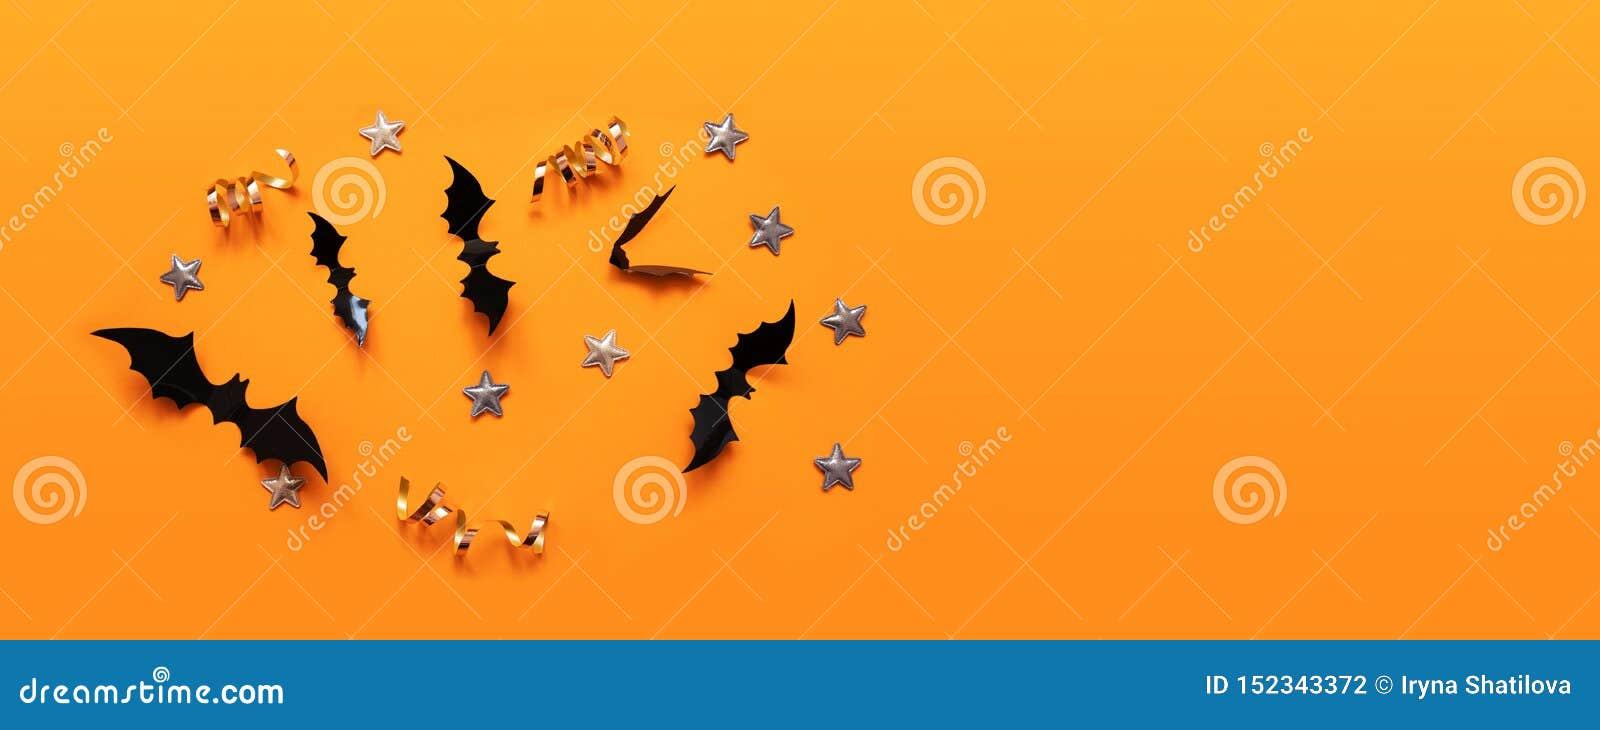 Bandera de Halloween con negro pero en un fondo anaranjado, visión superior